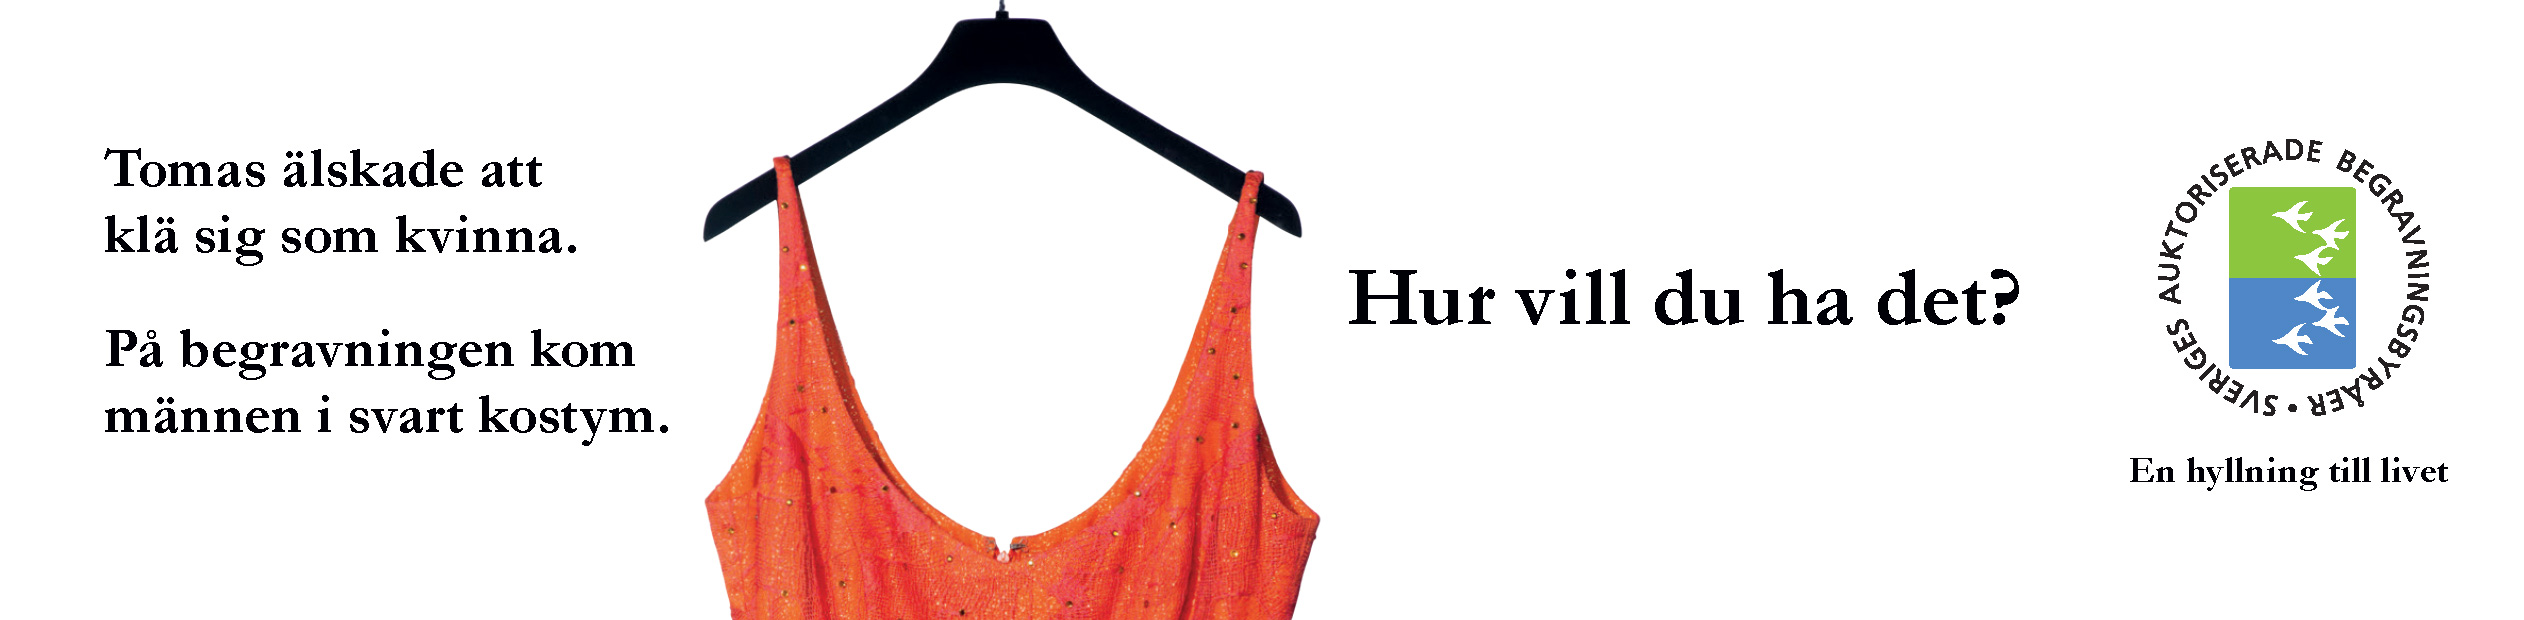 Axelssons Begravningsbyrå Lund - Livsarkivet - En hyllning till livet - Tomas